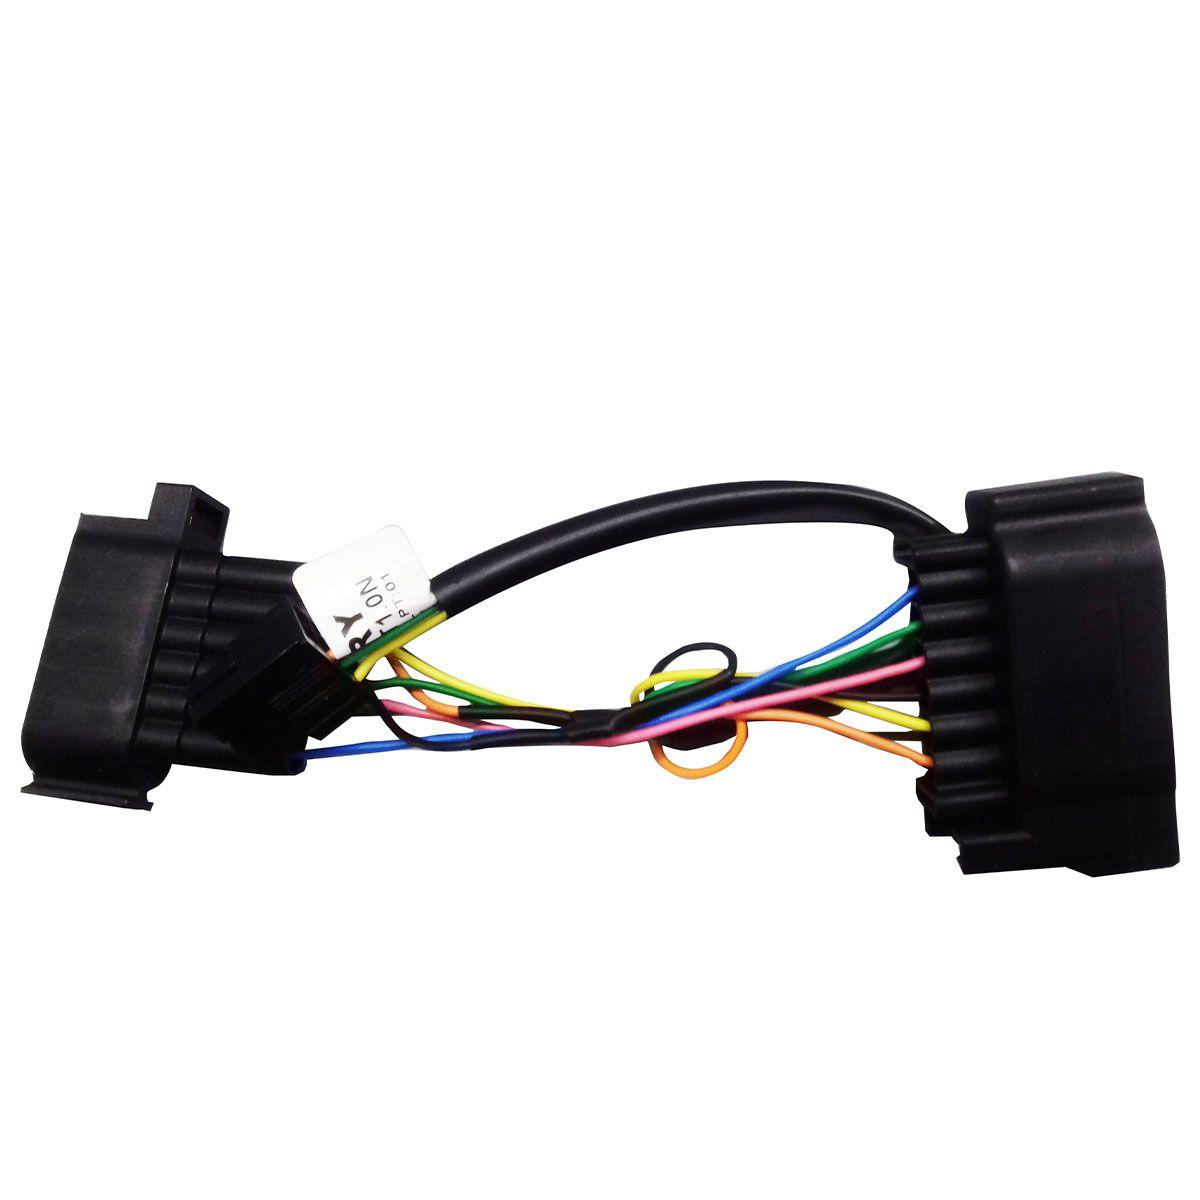 Módulo Acelerador Eletrônico para Audi Volkswagen com Bluetooth FAST2.0I Tury